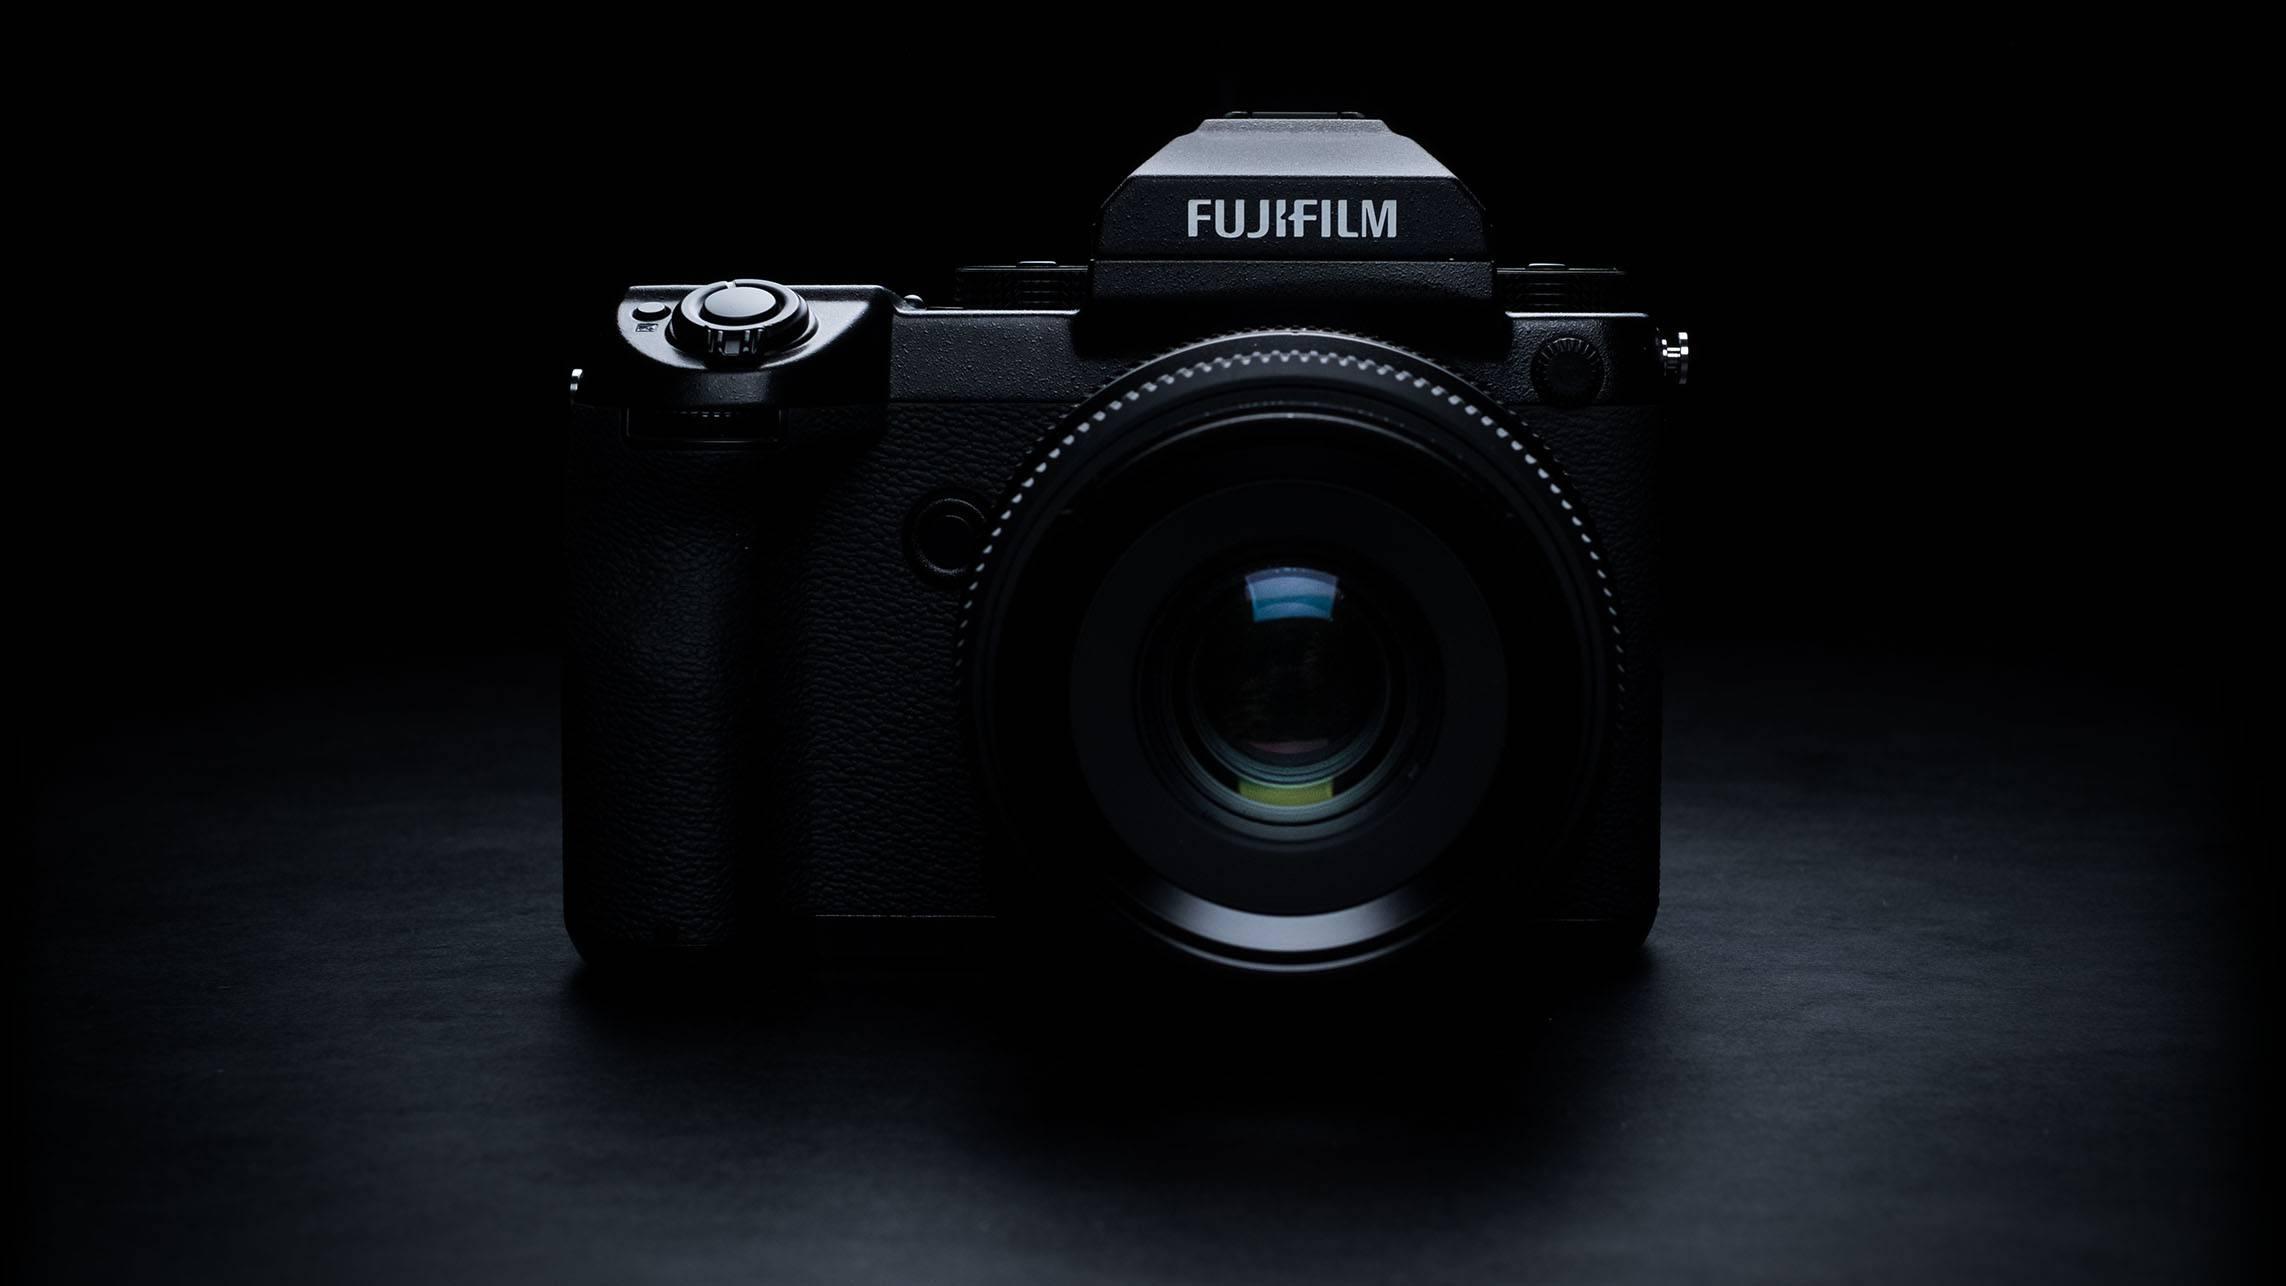 Le fabricant japonais Fujifilm prépare un boitier qui refuserait de prendre de mauvaises photos